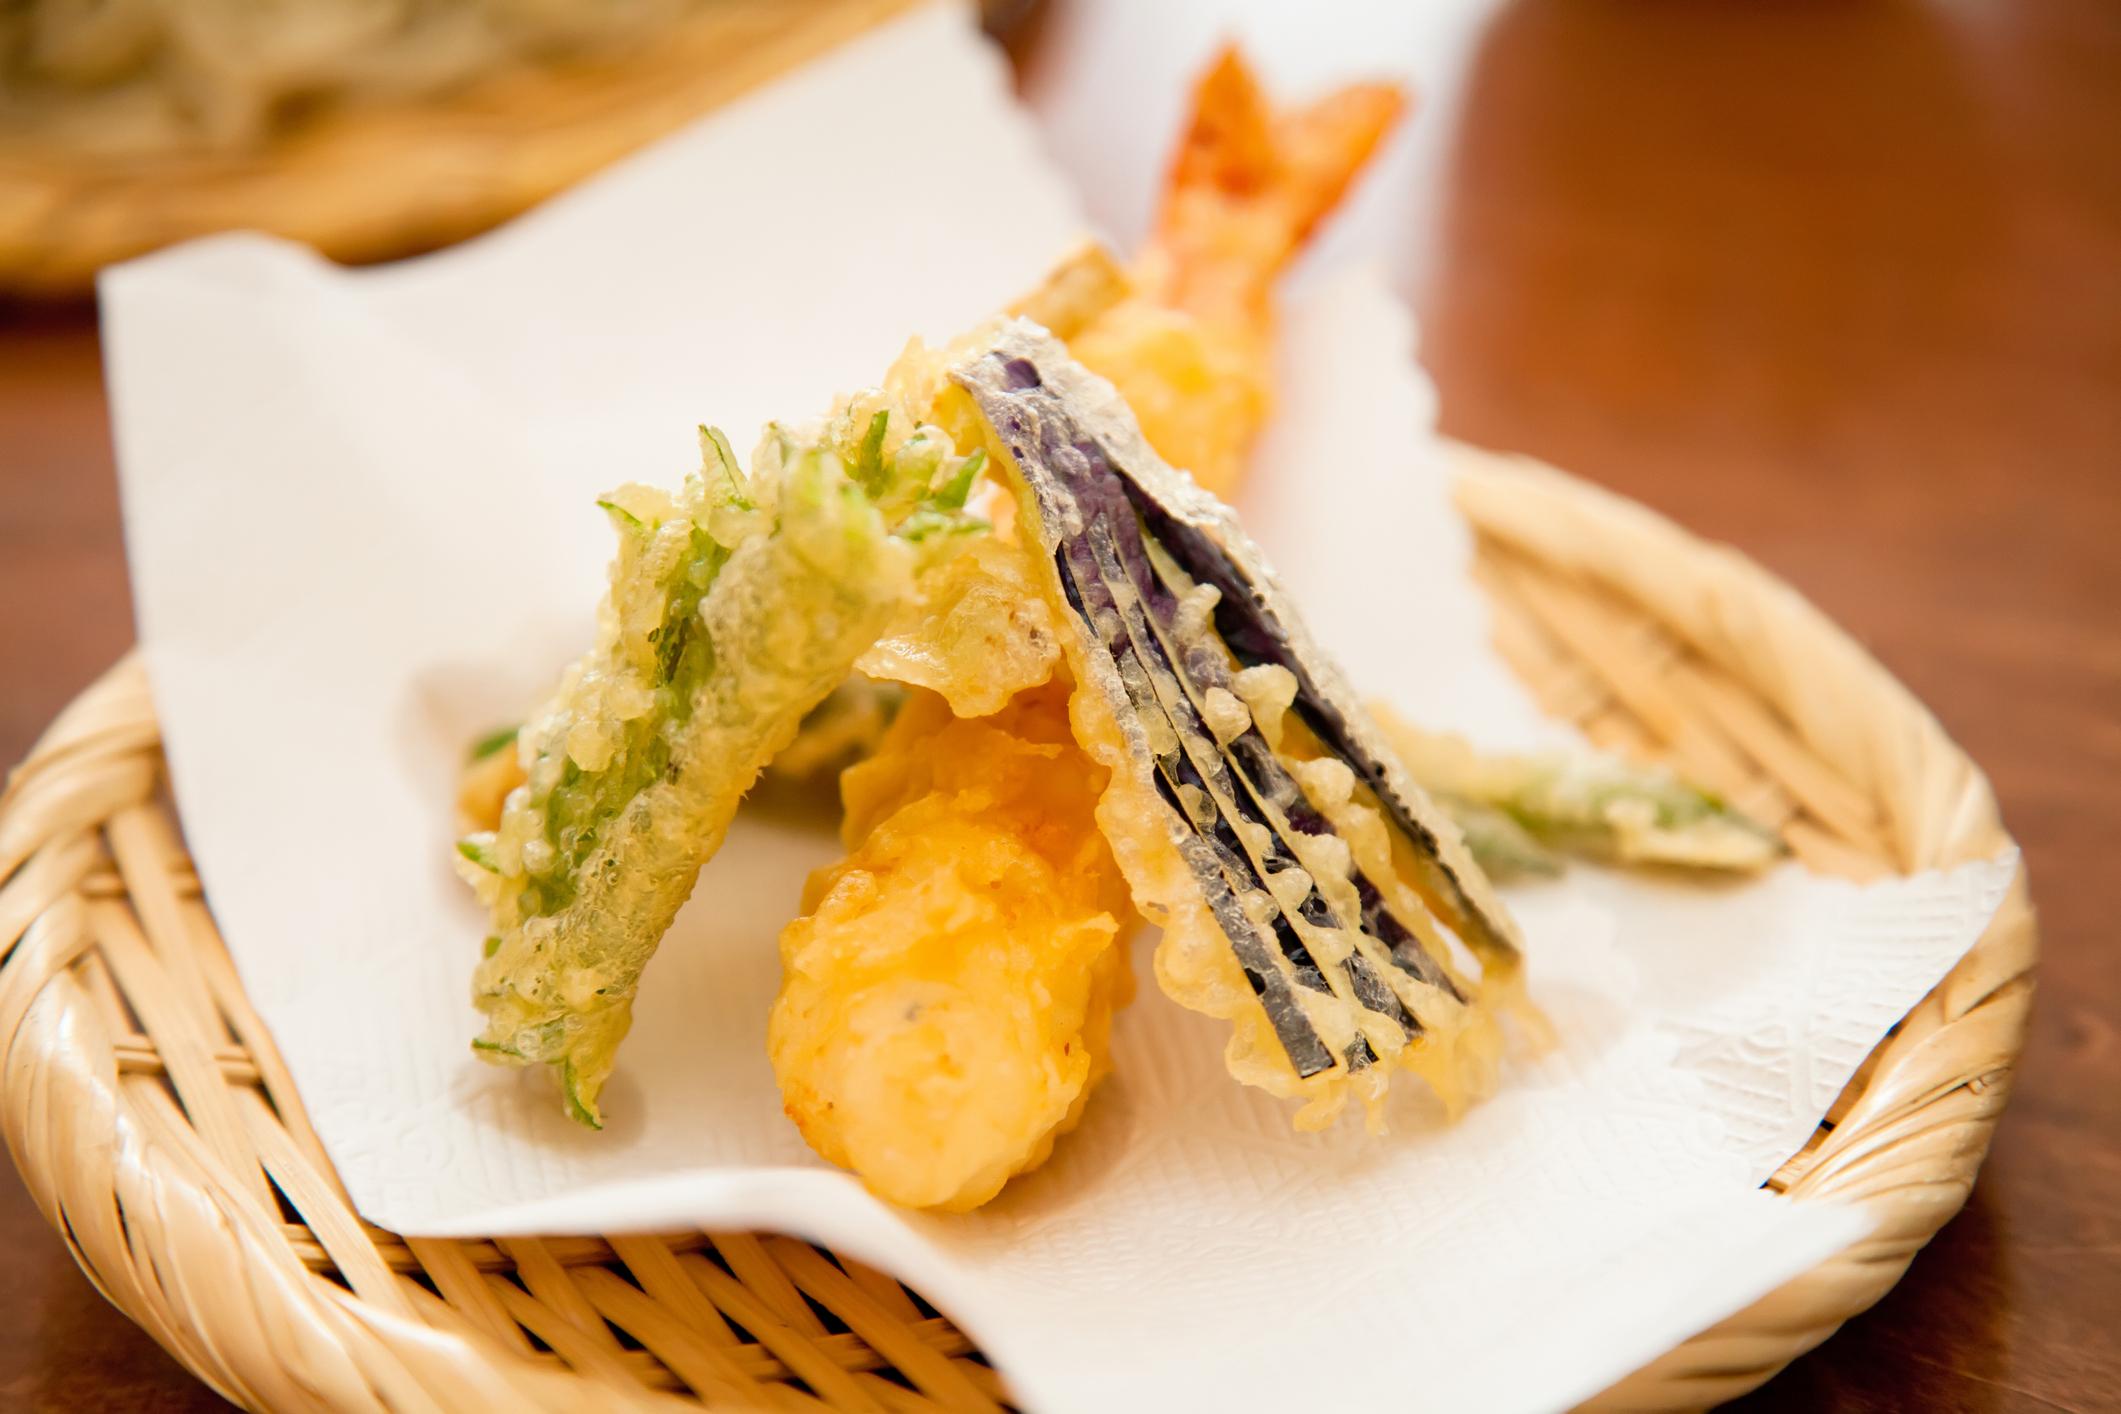 Traditional Bad Food Combos In Japan - Tempura